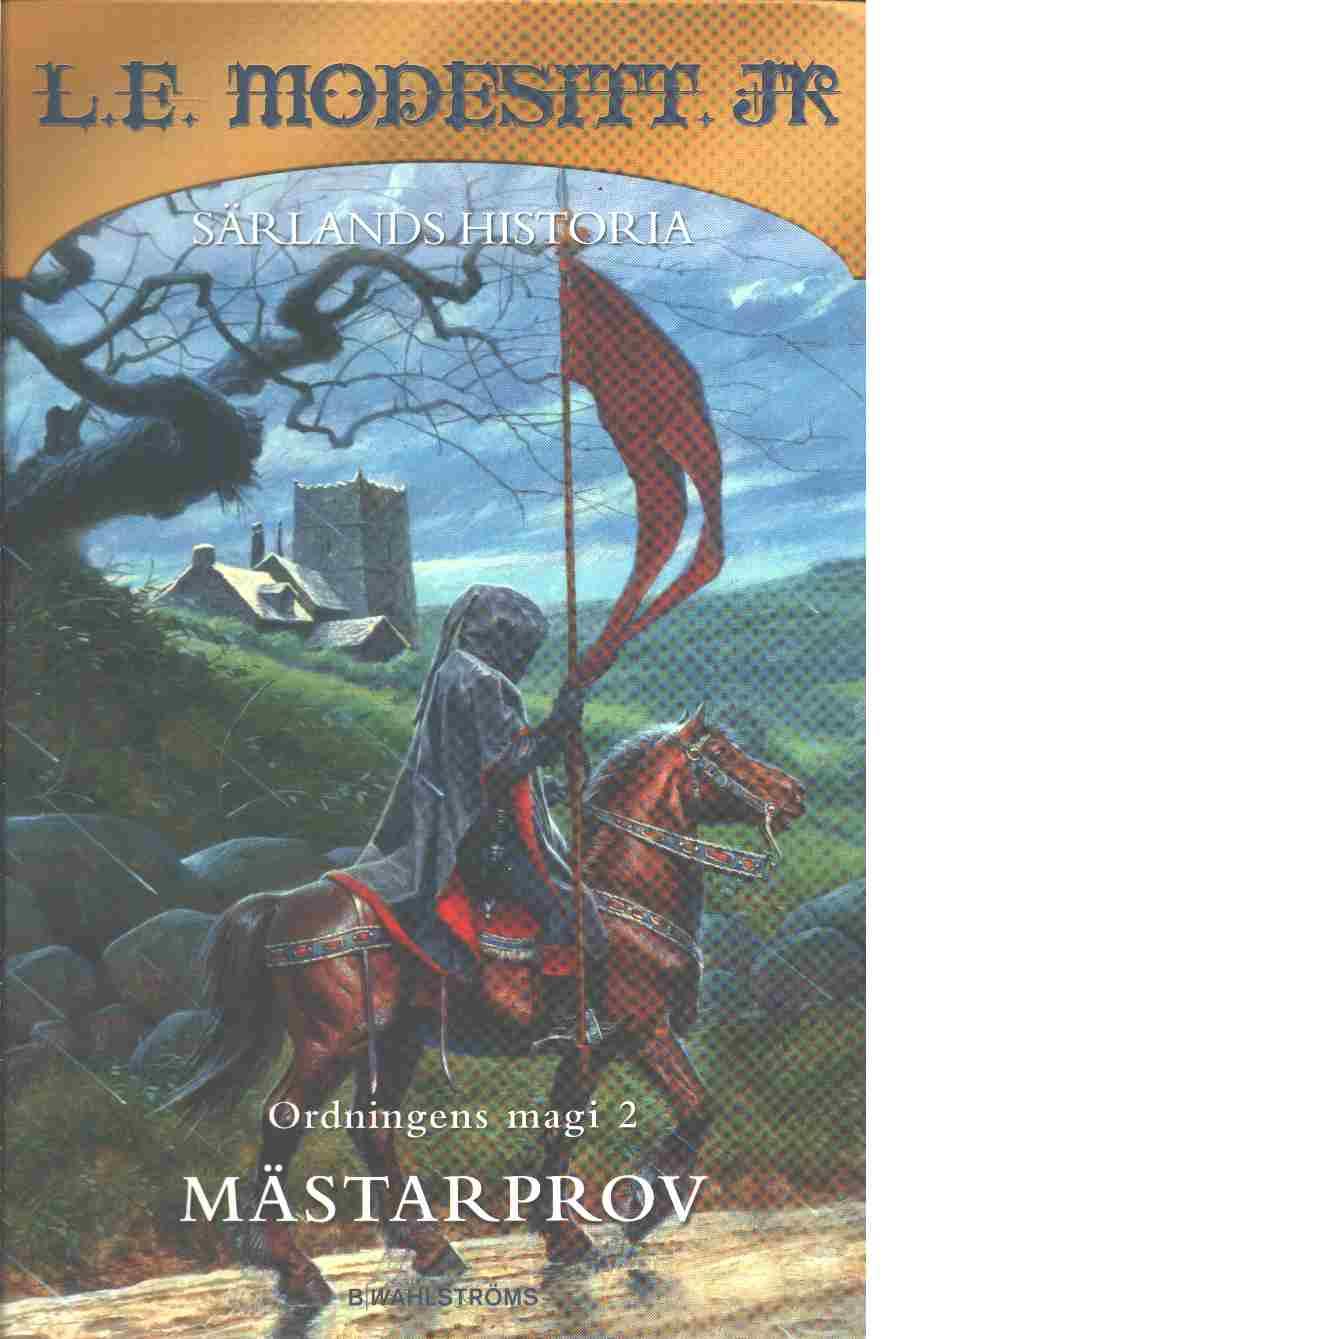 Ordningens magi. 2, Mästarprov - Modesitt, L. E.